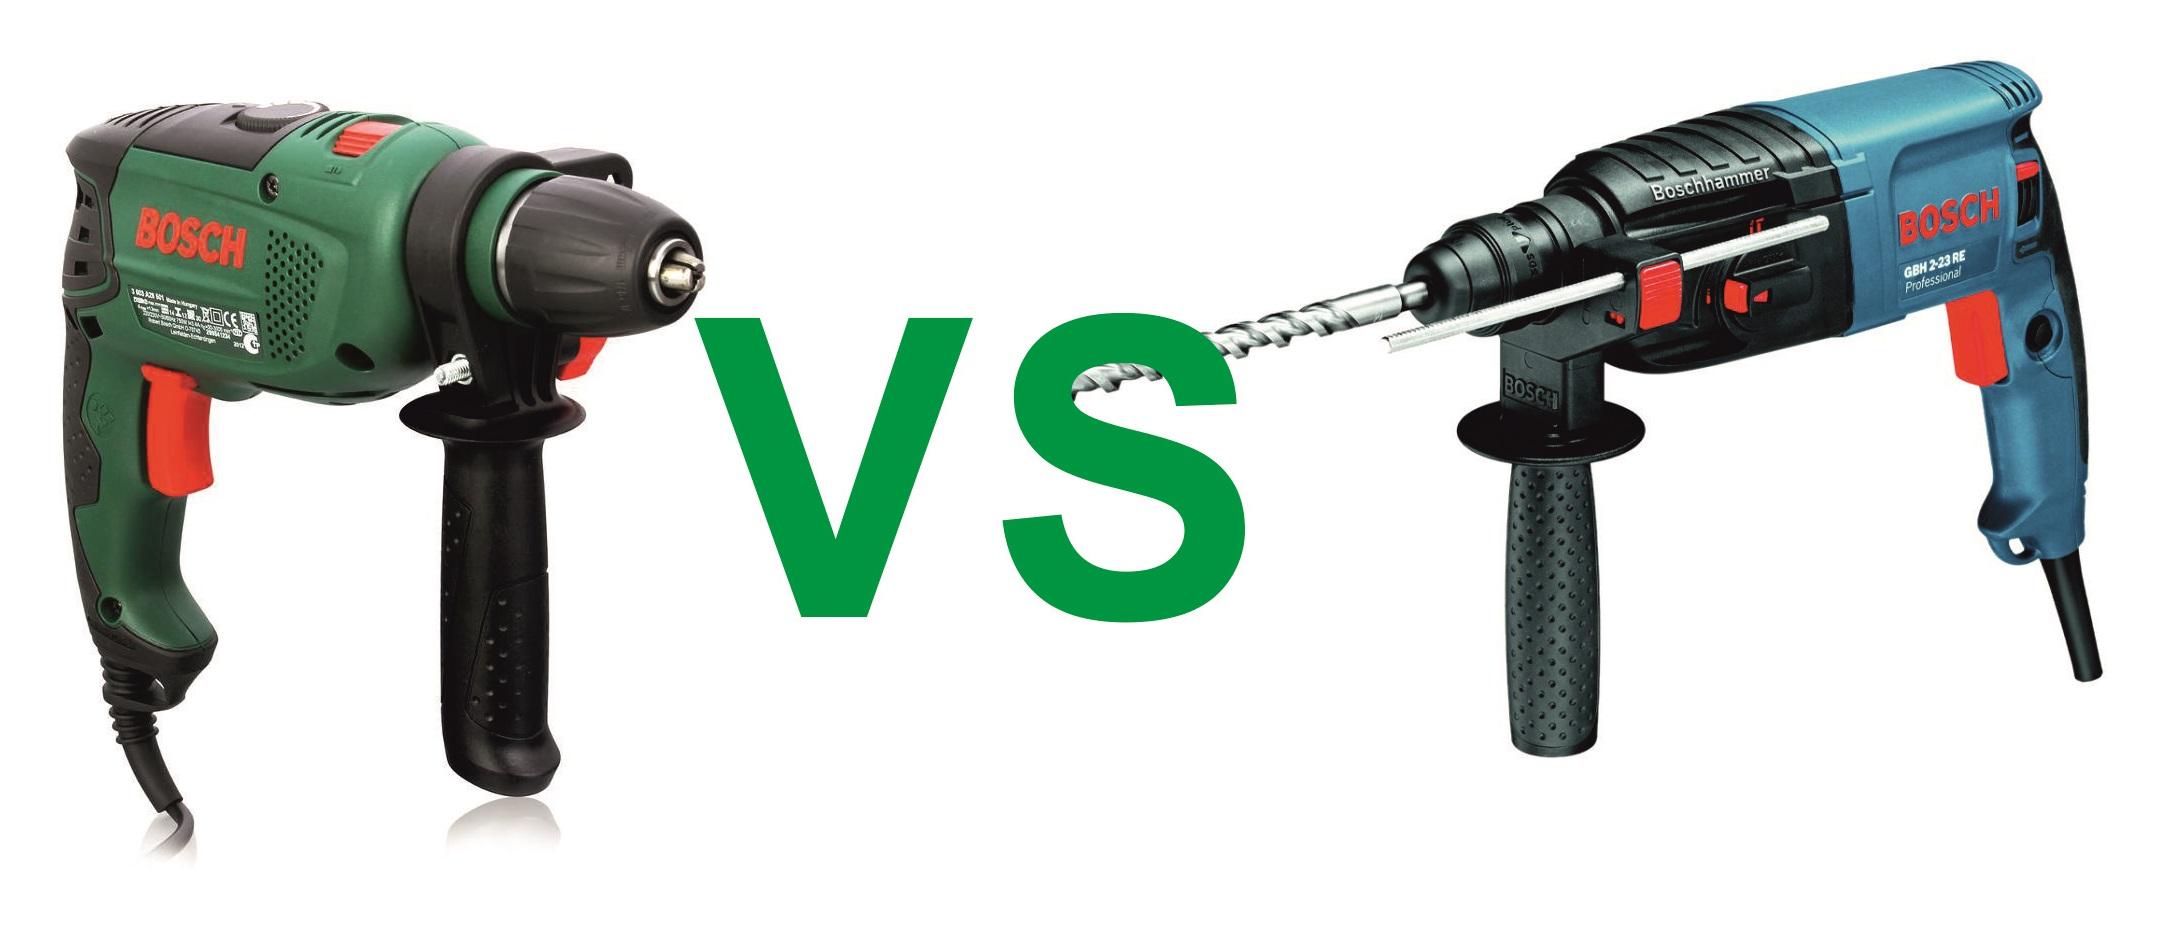 Ударная дрель или перфоратор: отличия и что выбрать